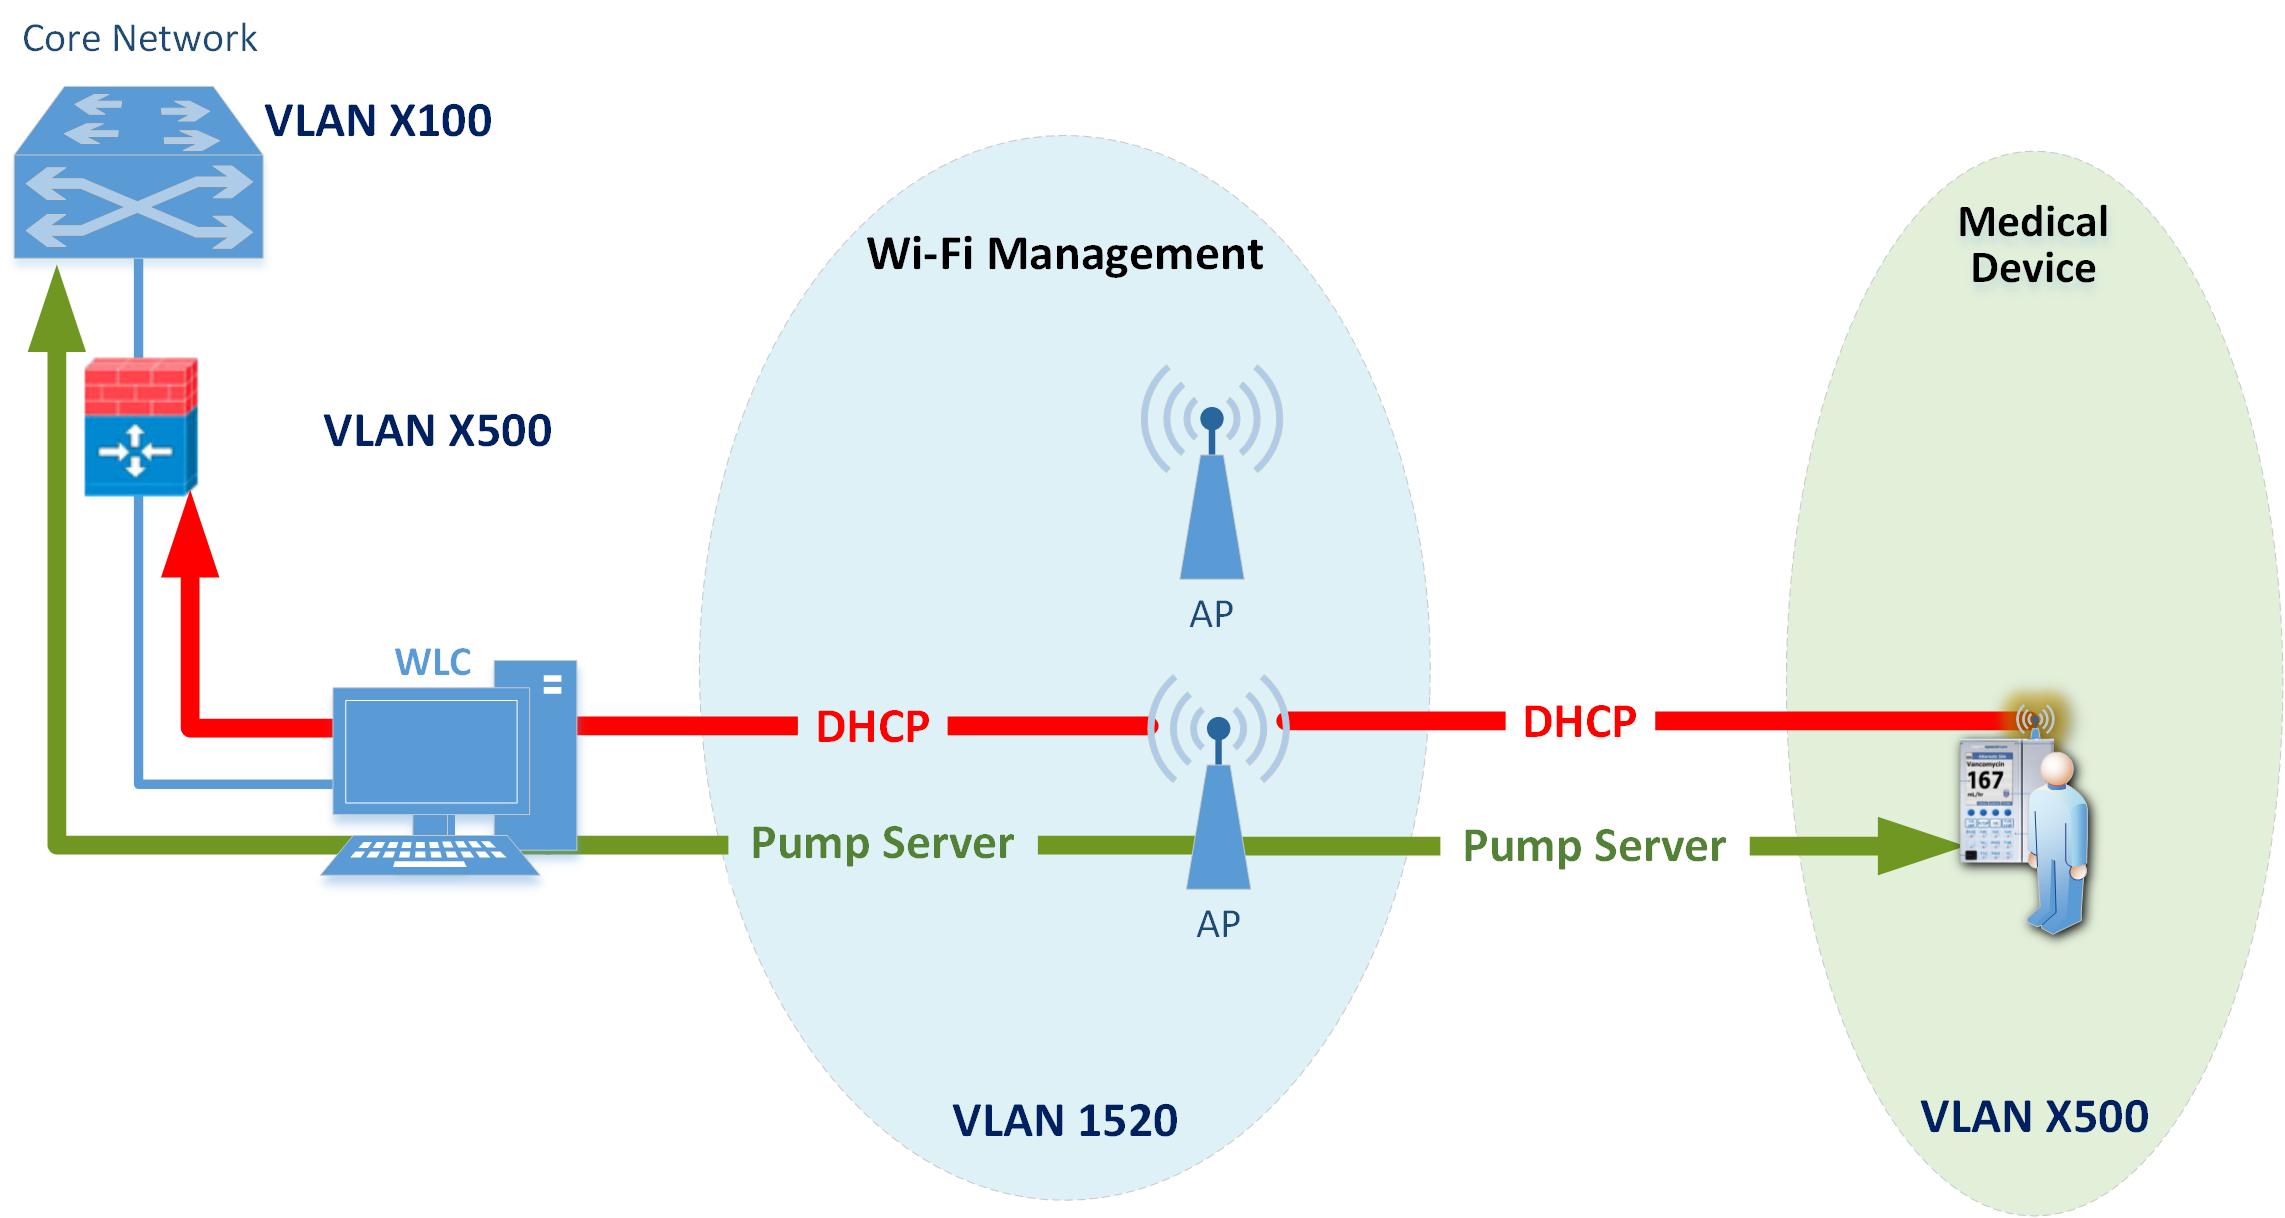 Pumping Wireless Network Diagrams Best Secret Wiring Diagram Wired Home Simple Schema Rh 12 Lodge Finder De Enterprise